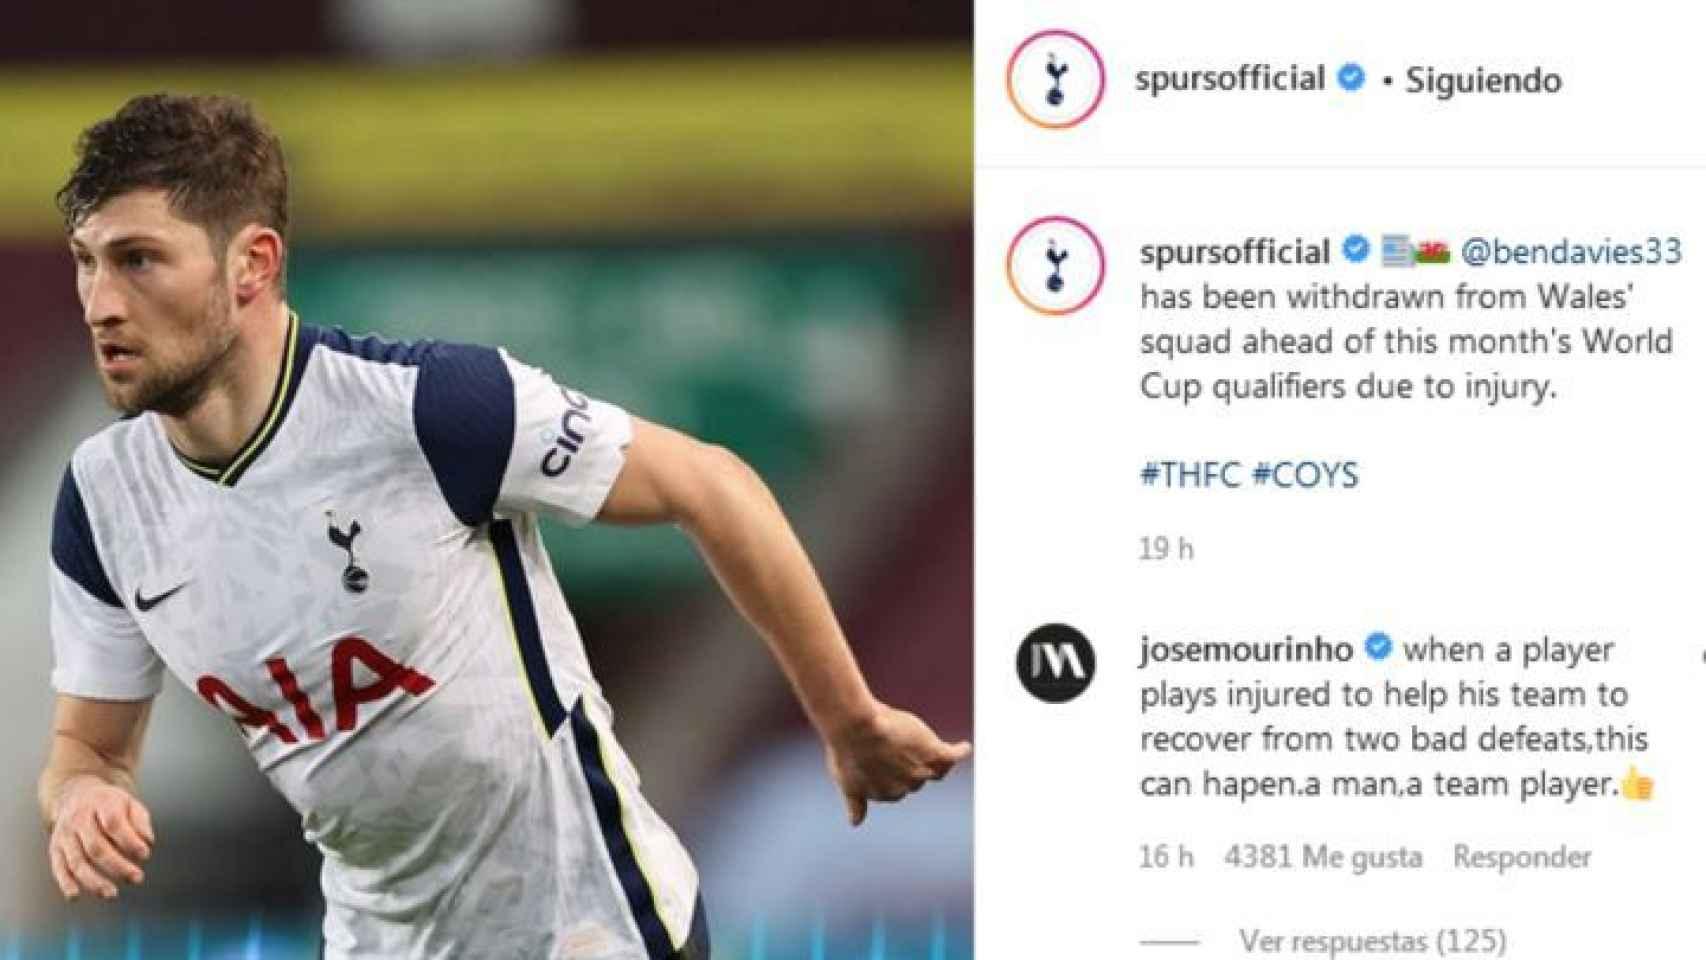 El comentario de Mourinho